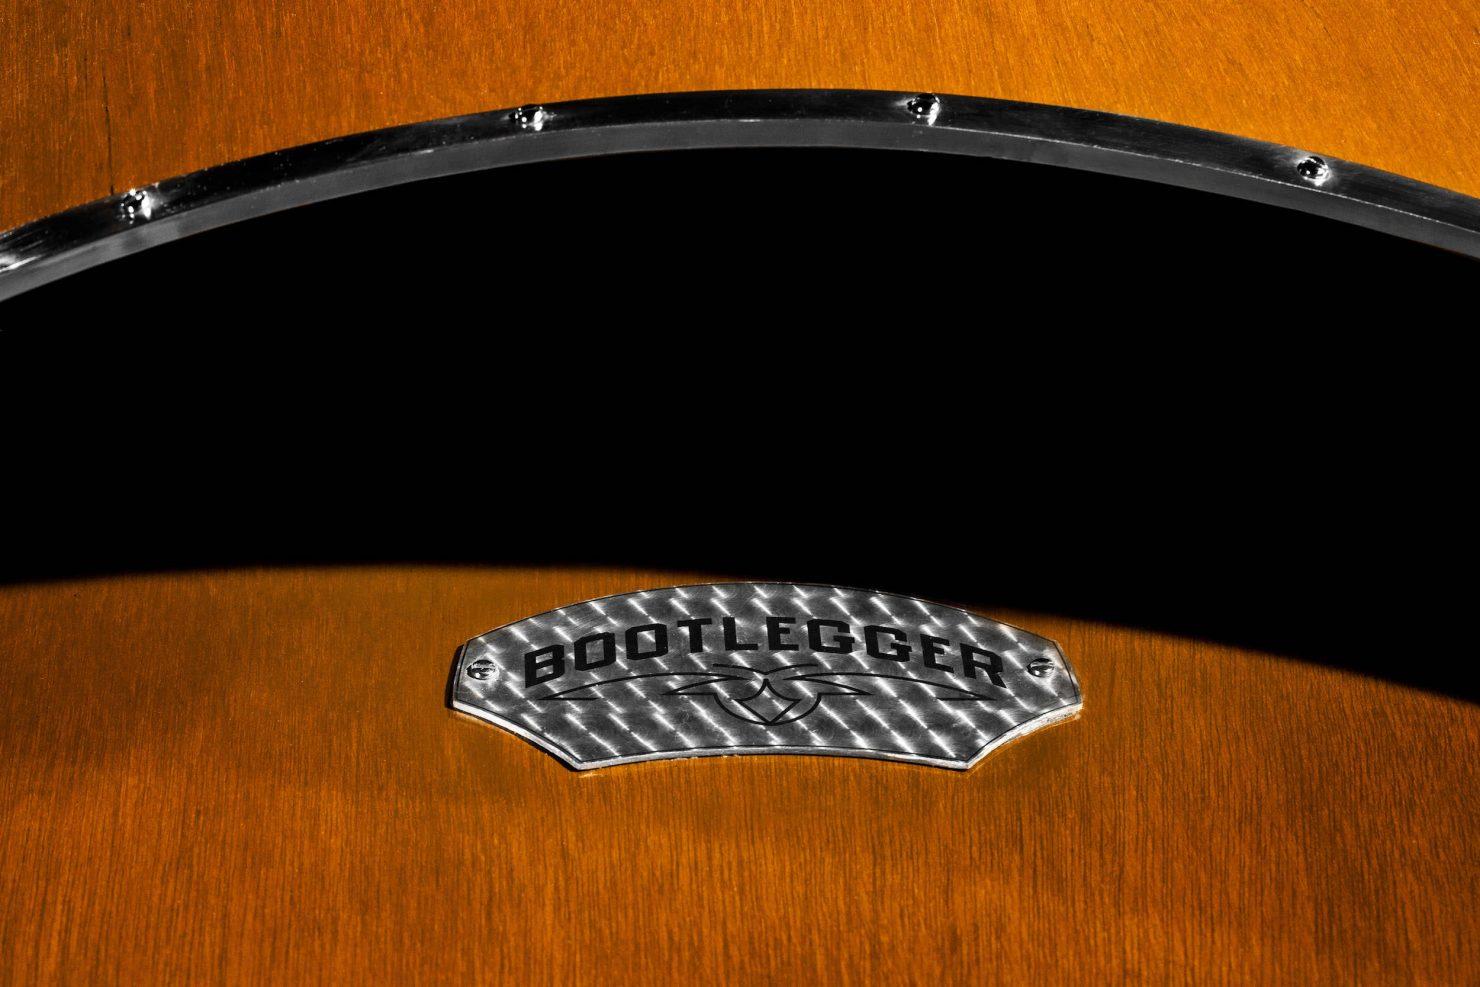 Fitzke Paddleboard 3 1480x987 - Bootlegger Fitzke Paddleboard